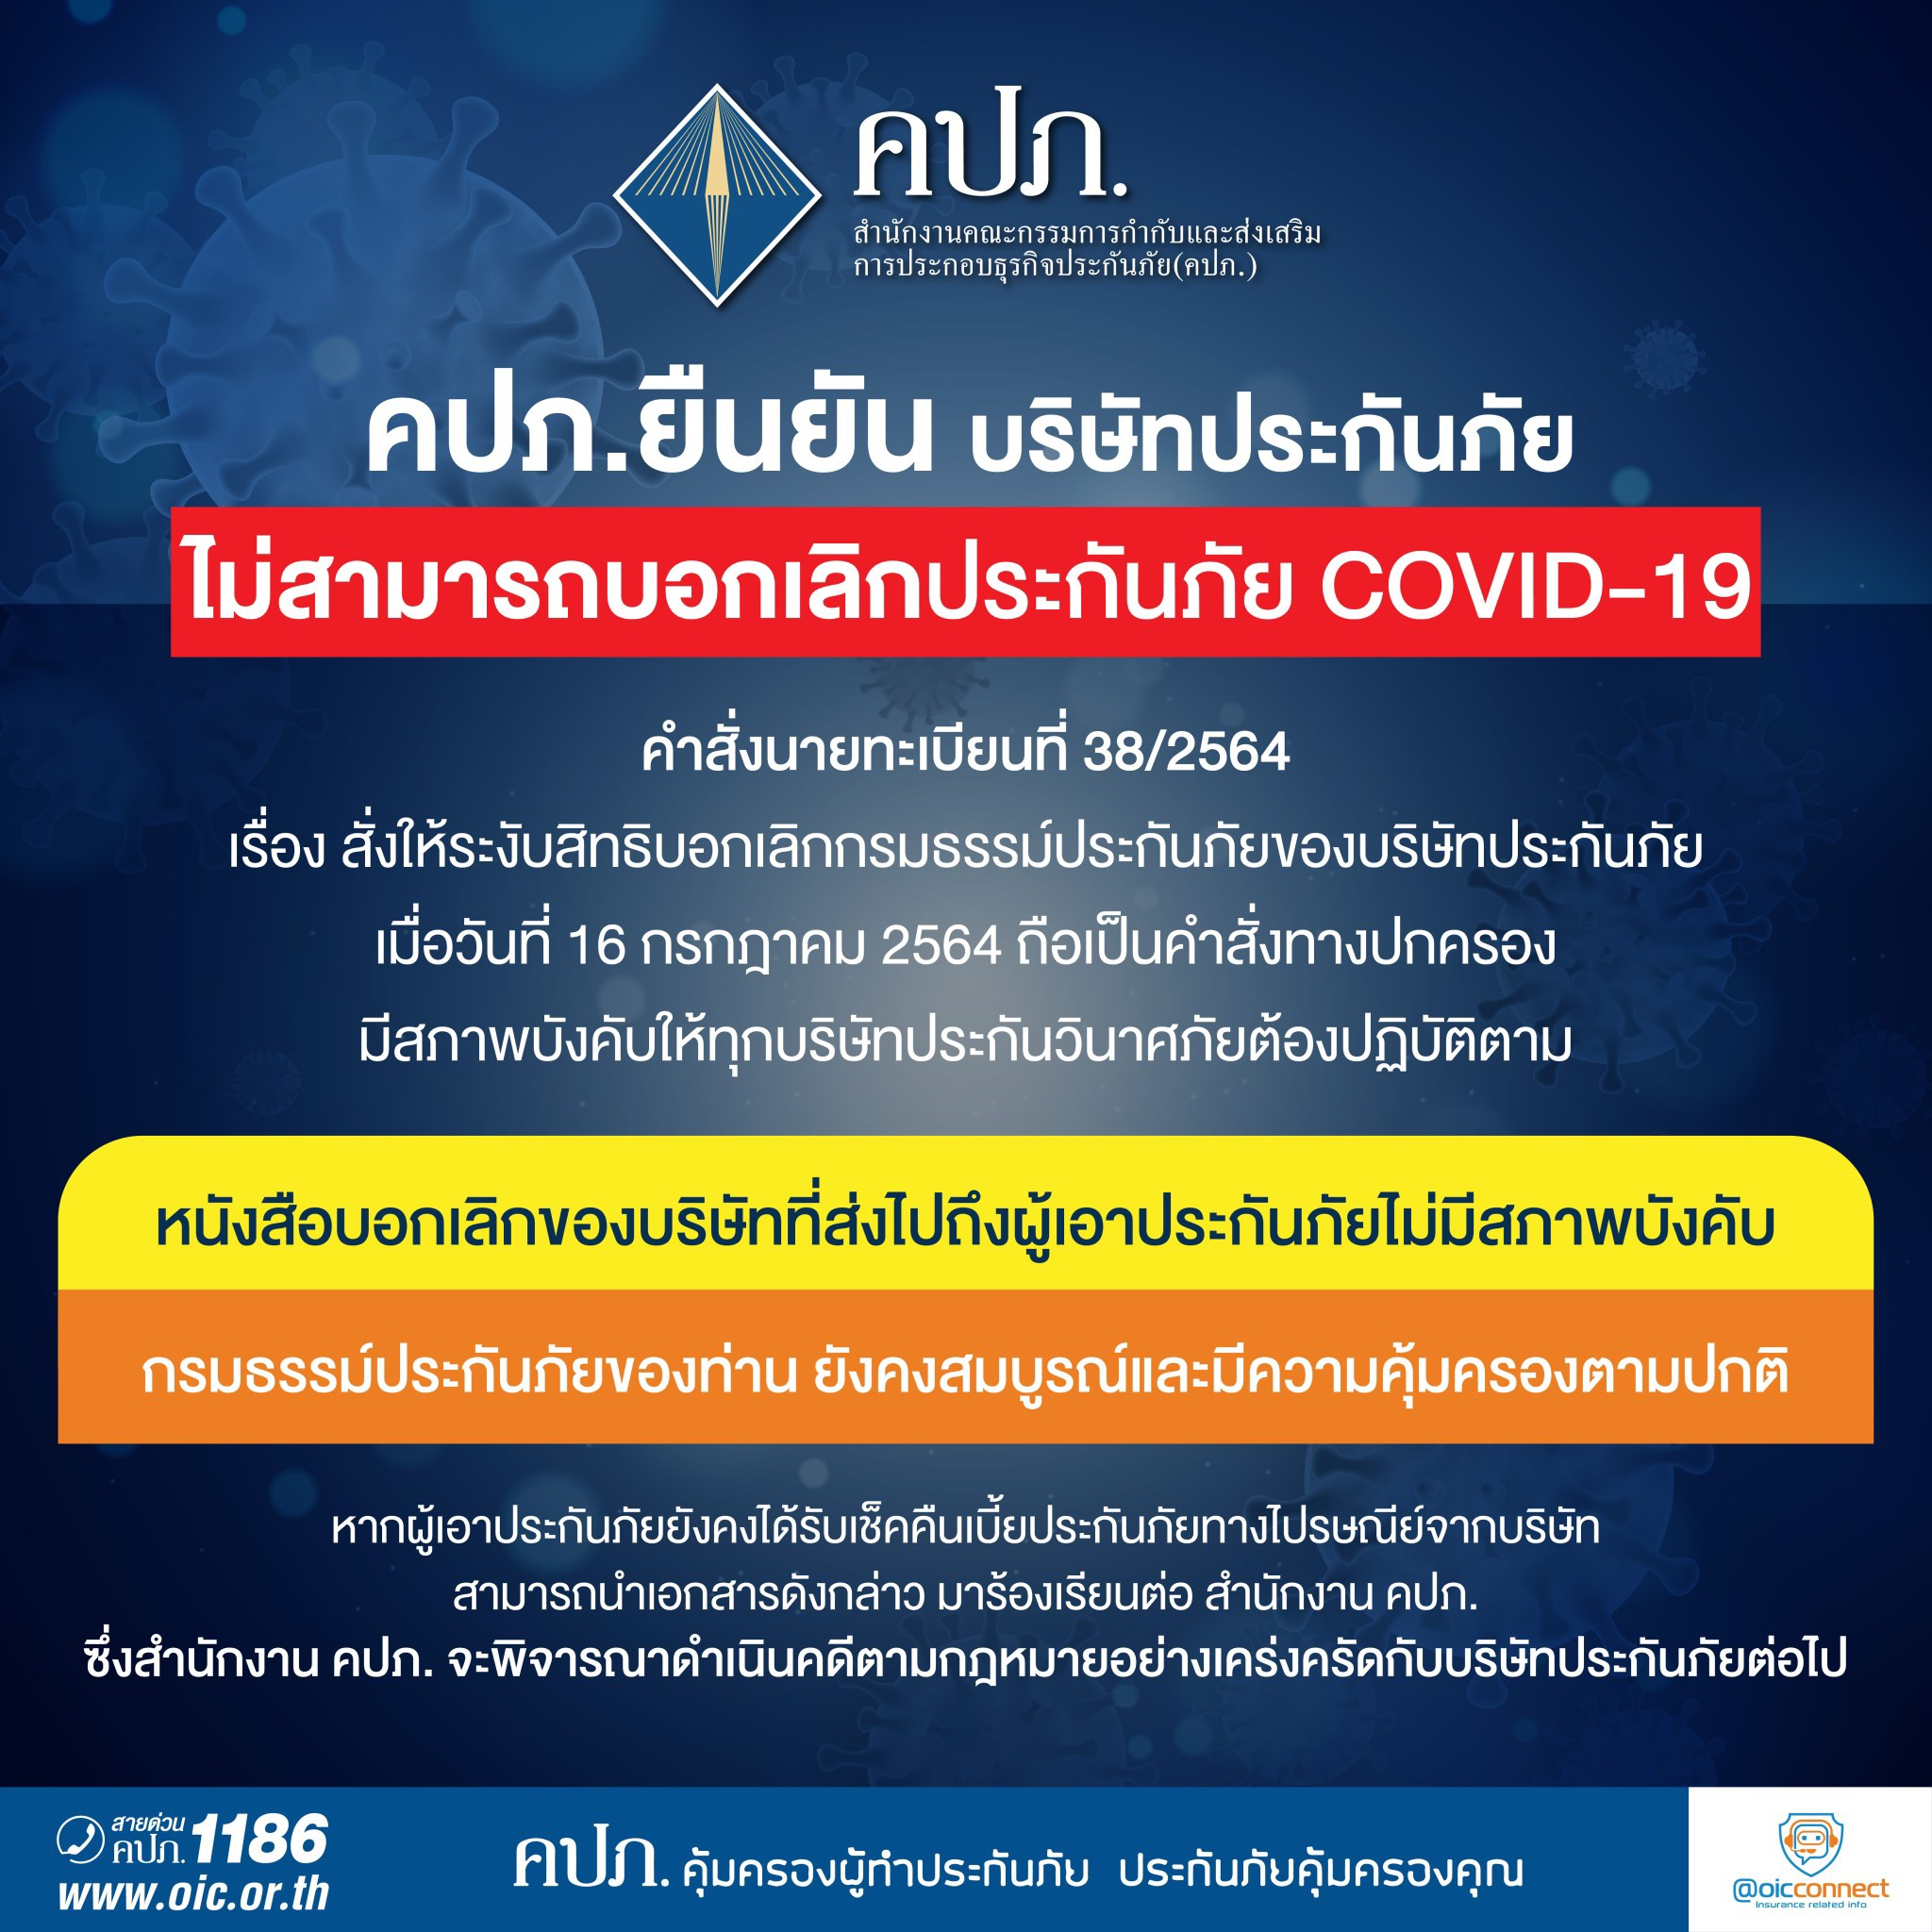 คปภ.ยืนยัน บริษัทประกันภัยไม่สามารถบอกเลิกประกันภัย COVID-19